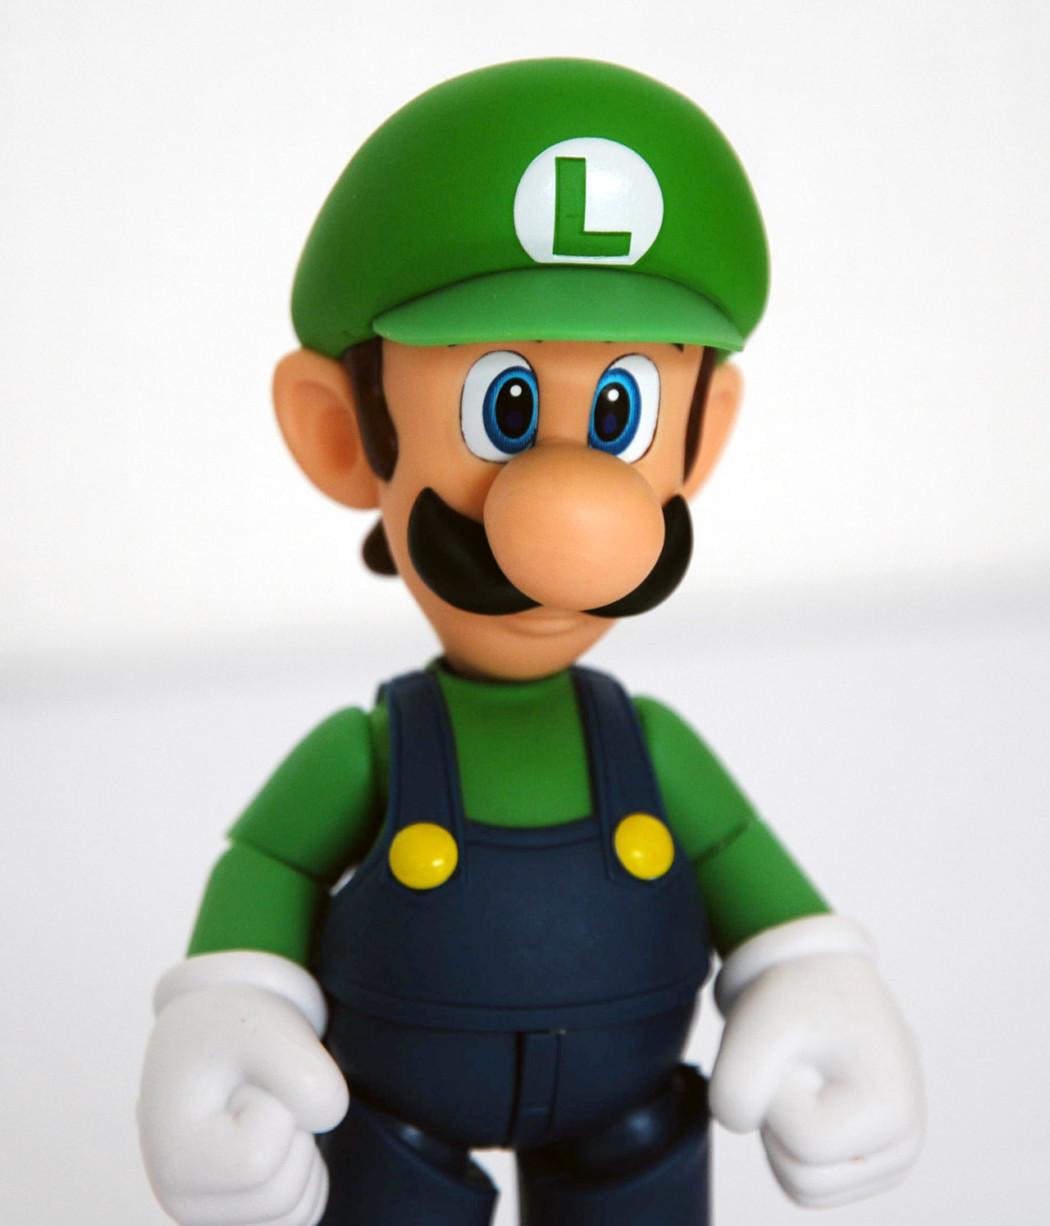 S.H.Figuarts Luigi by Bandai (Part 2: Review)